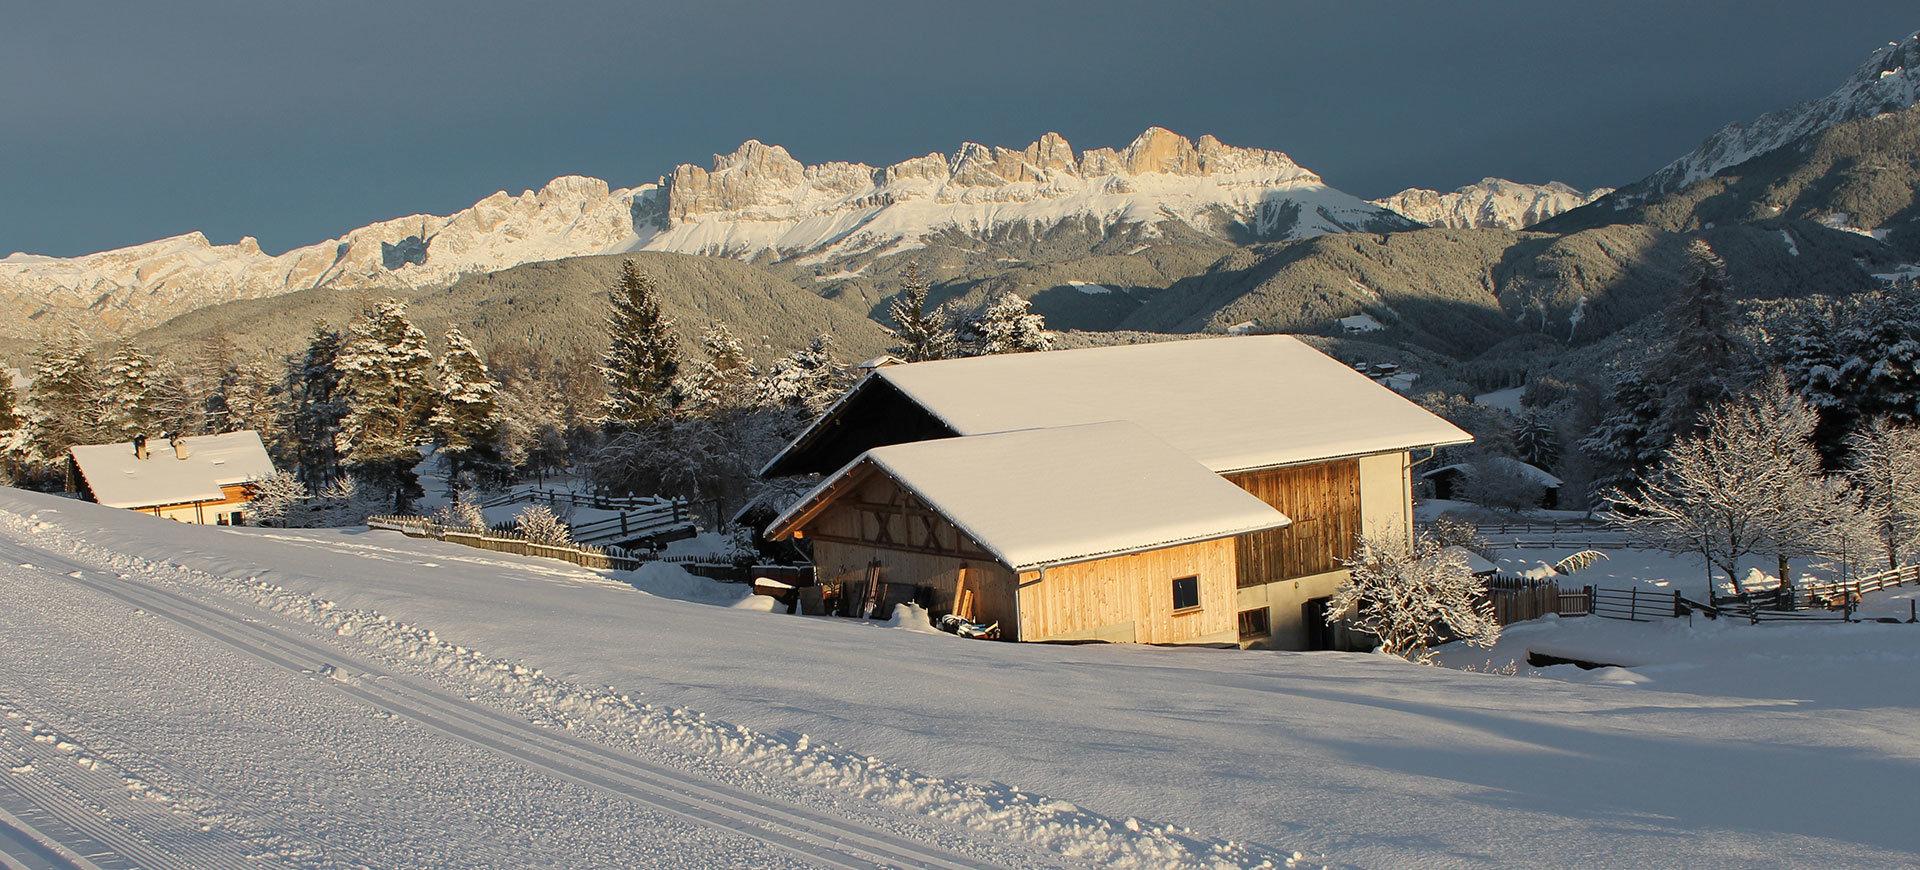 Agriturismo Dolomiti Nova Ponente :: Stauderhof Agriturismo